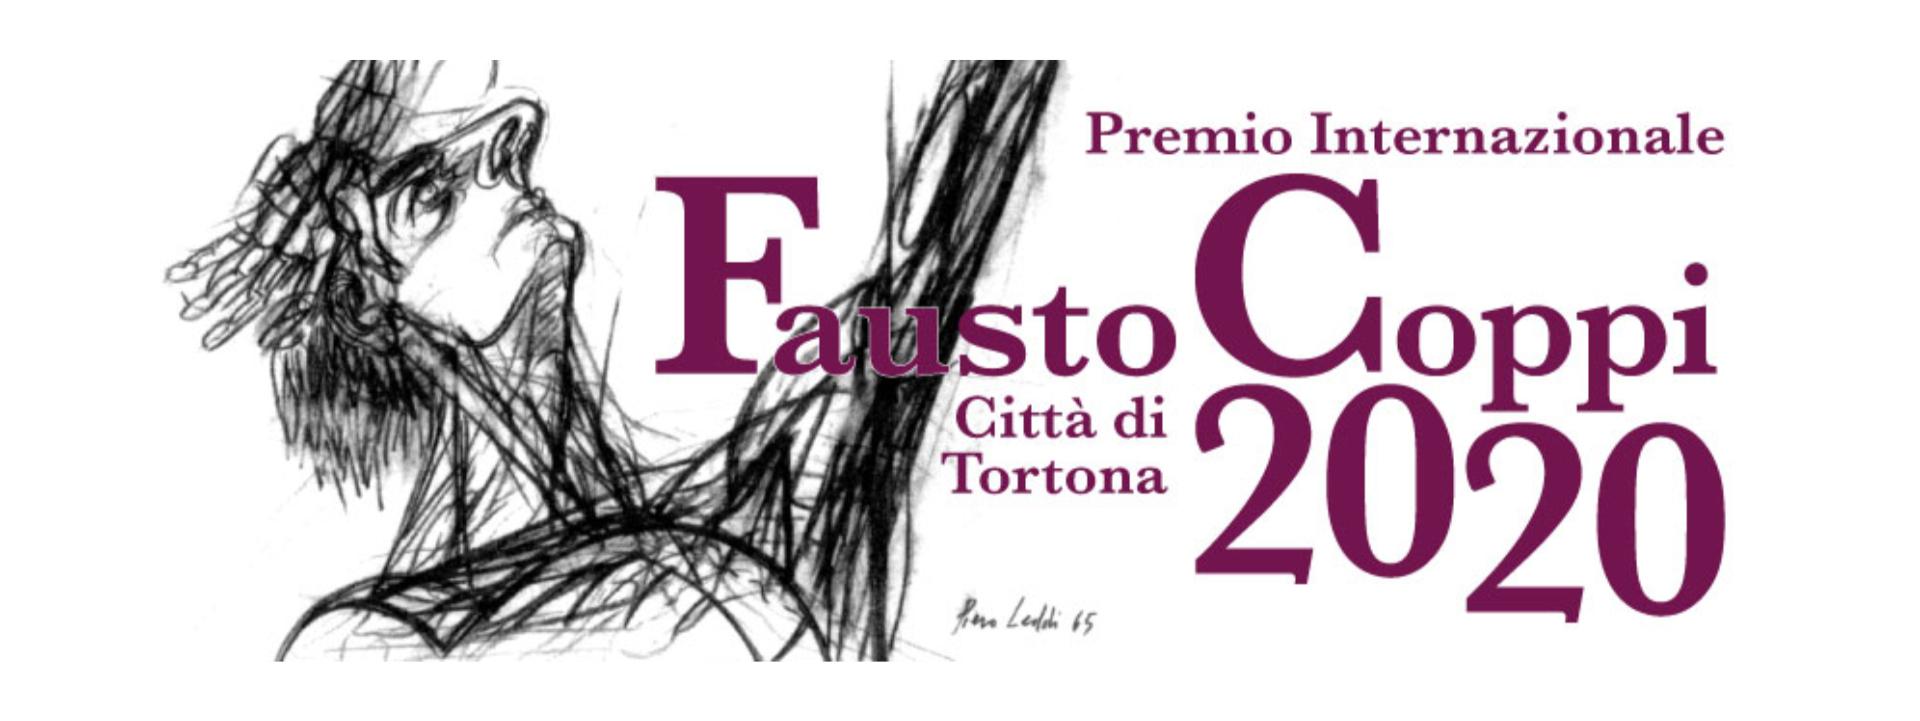 Premio Internazionale FAusto Coppi - Arena Derthona - Teatro Civico Tortona - Piemonte